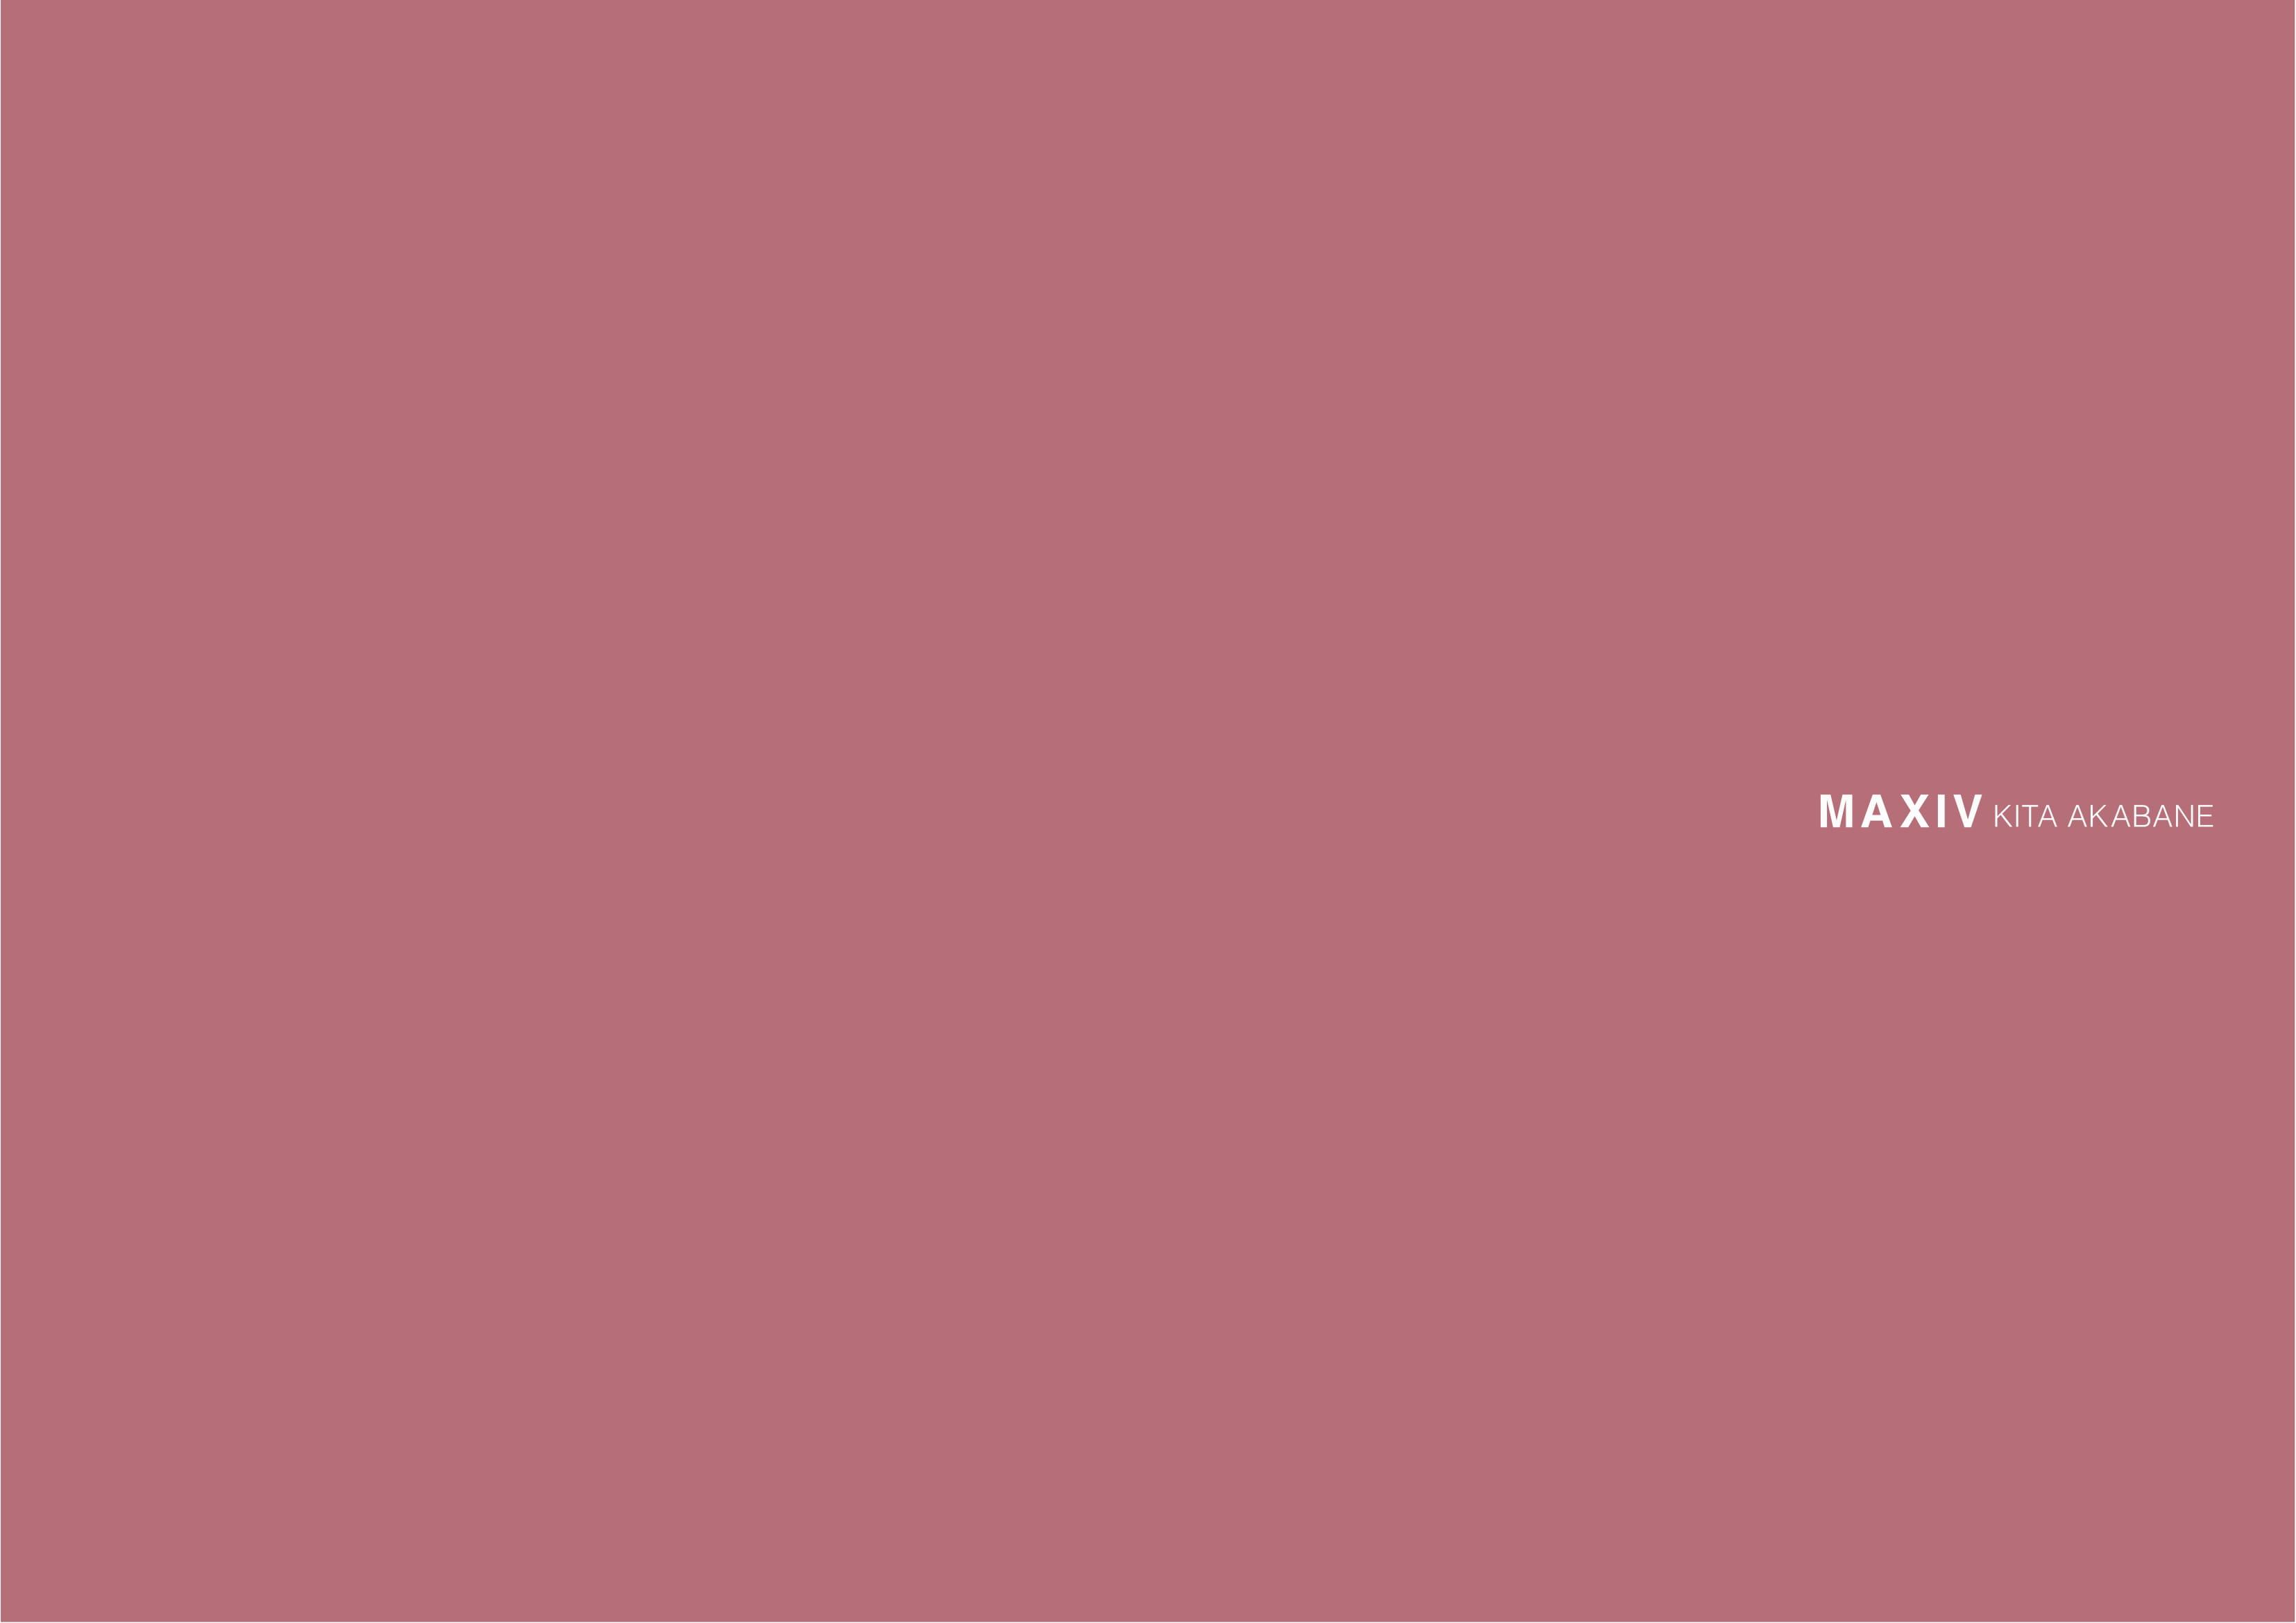 MAXIV 北赤羽 完成パンフ-01